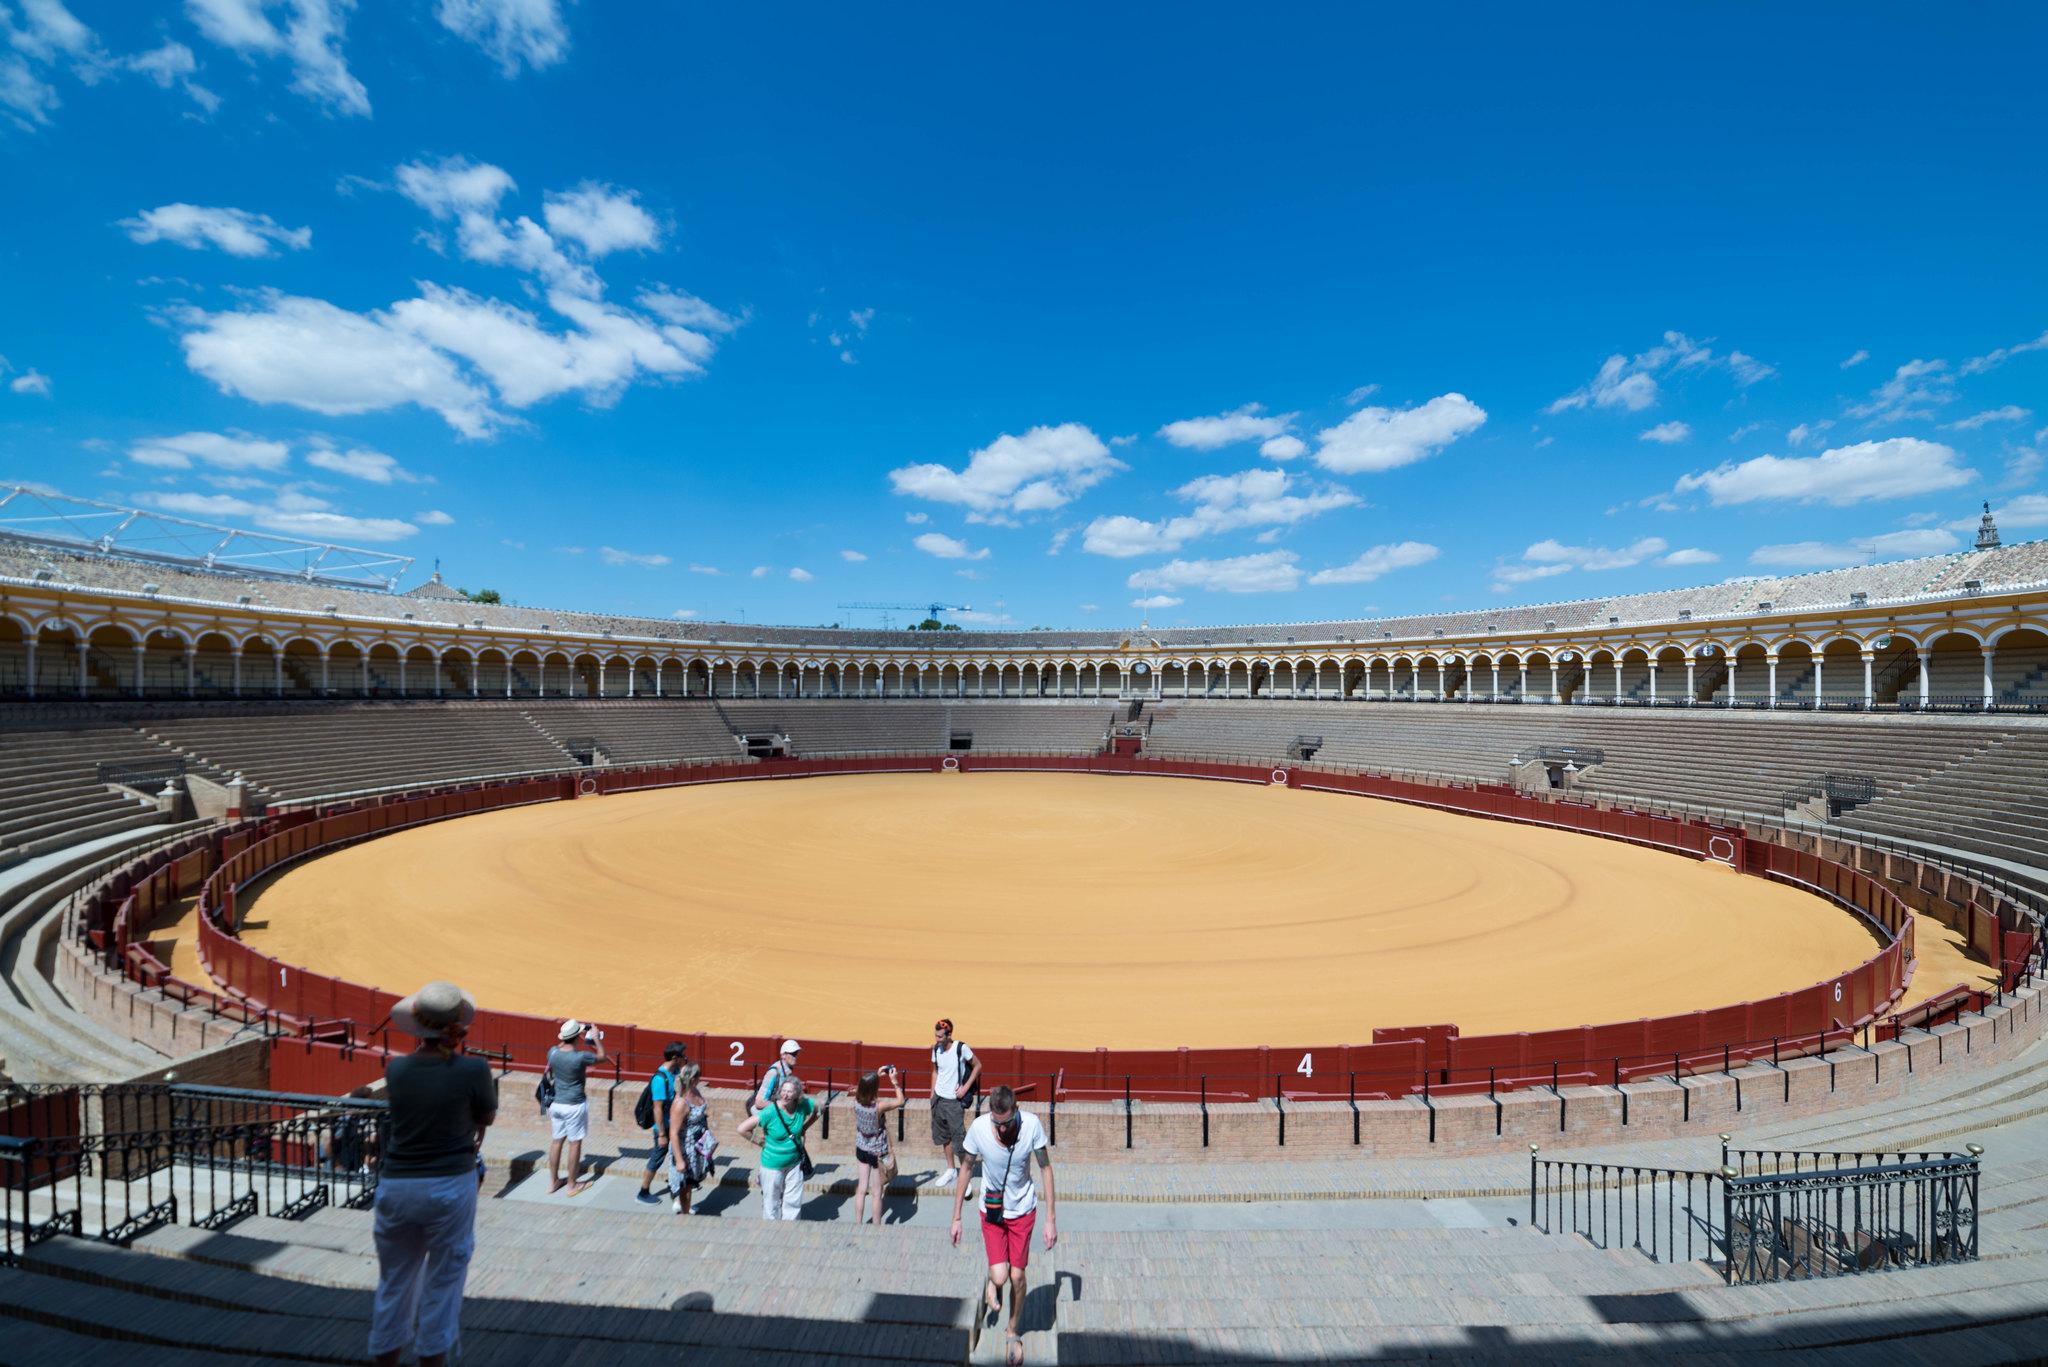 Seville spain bullring